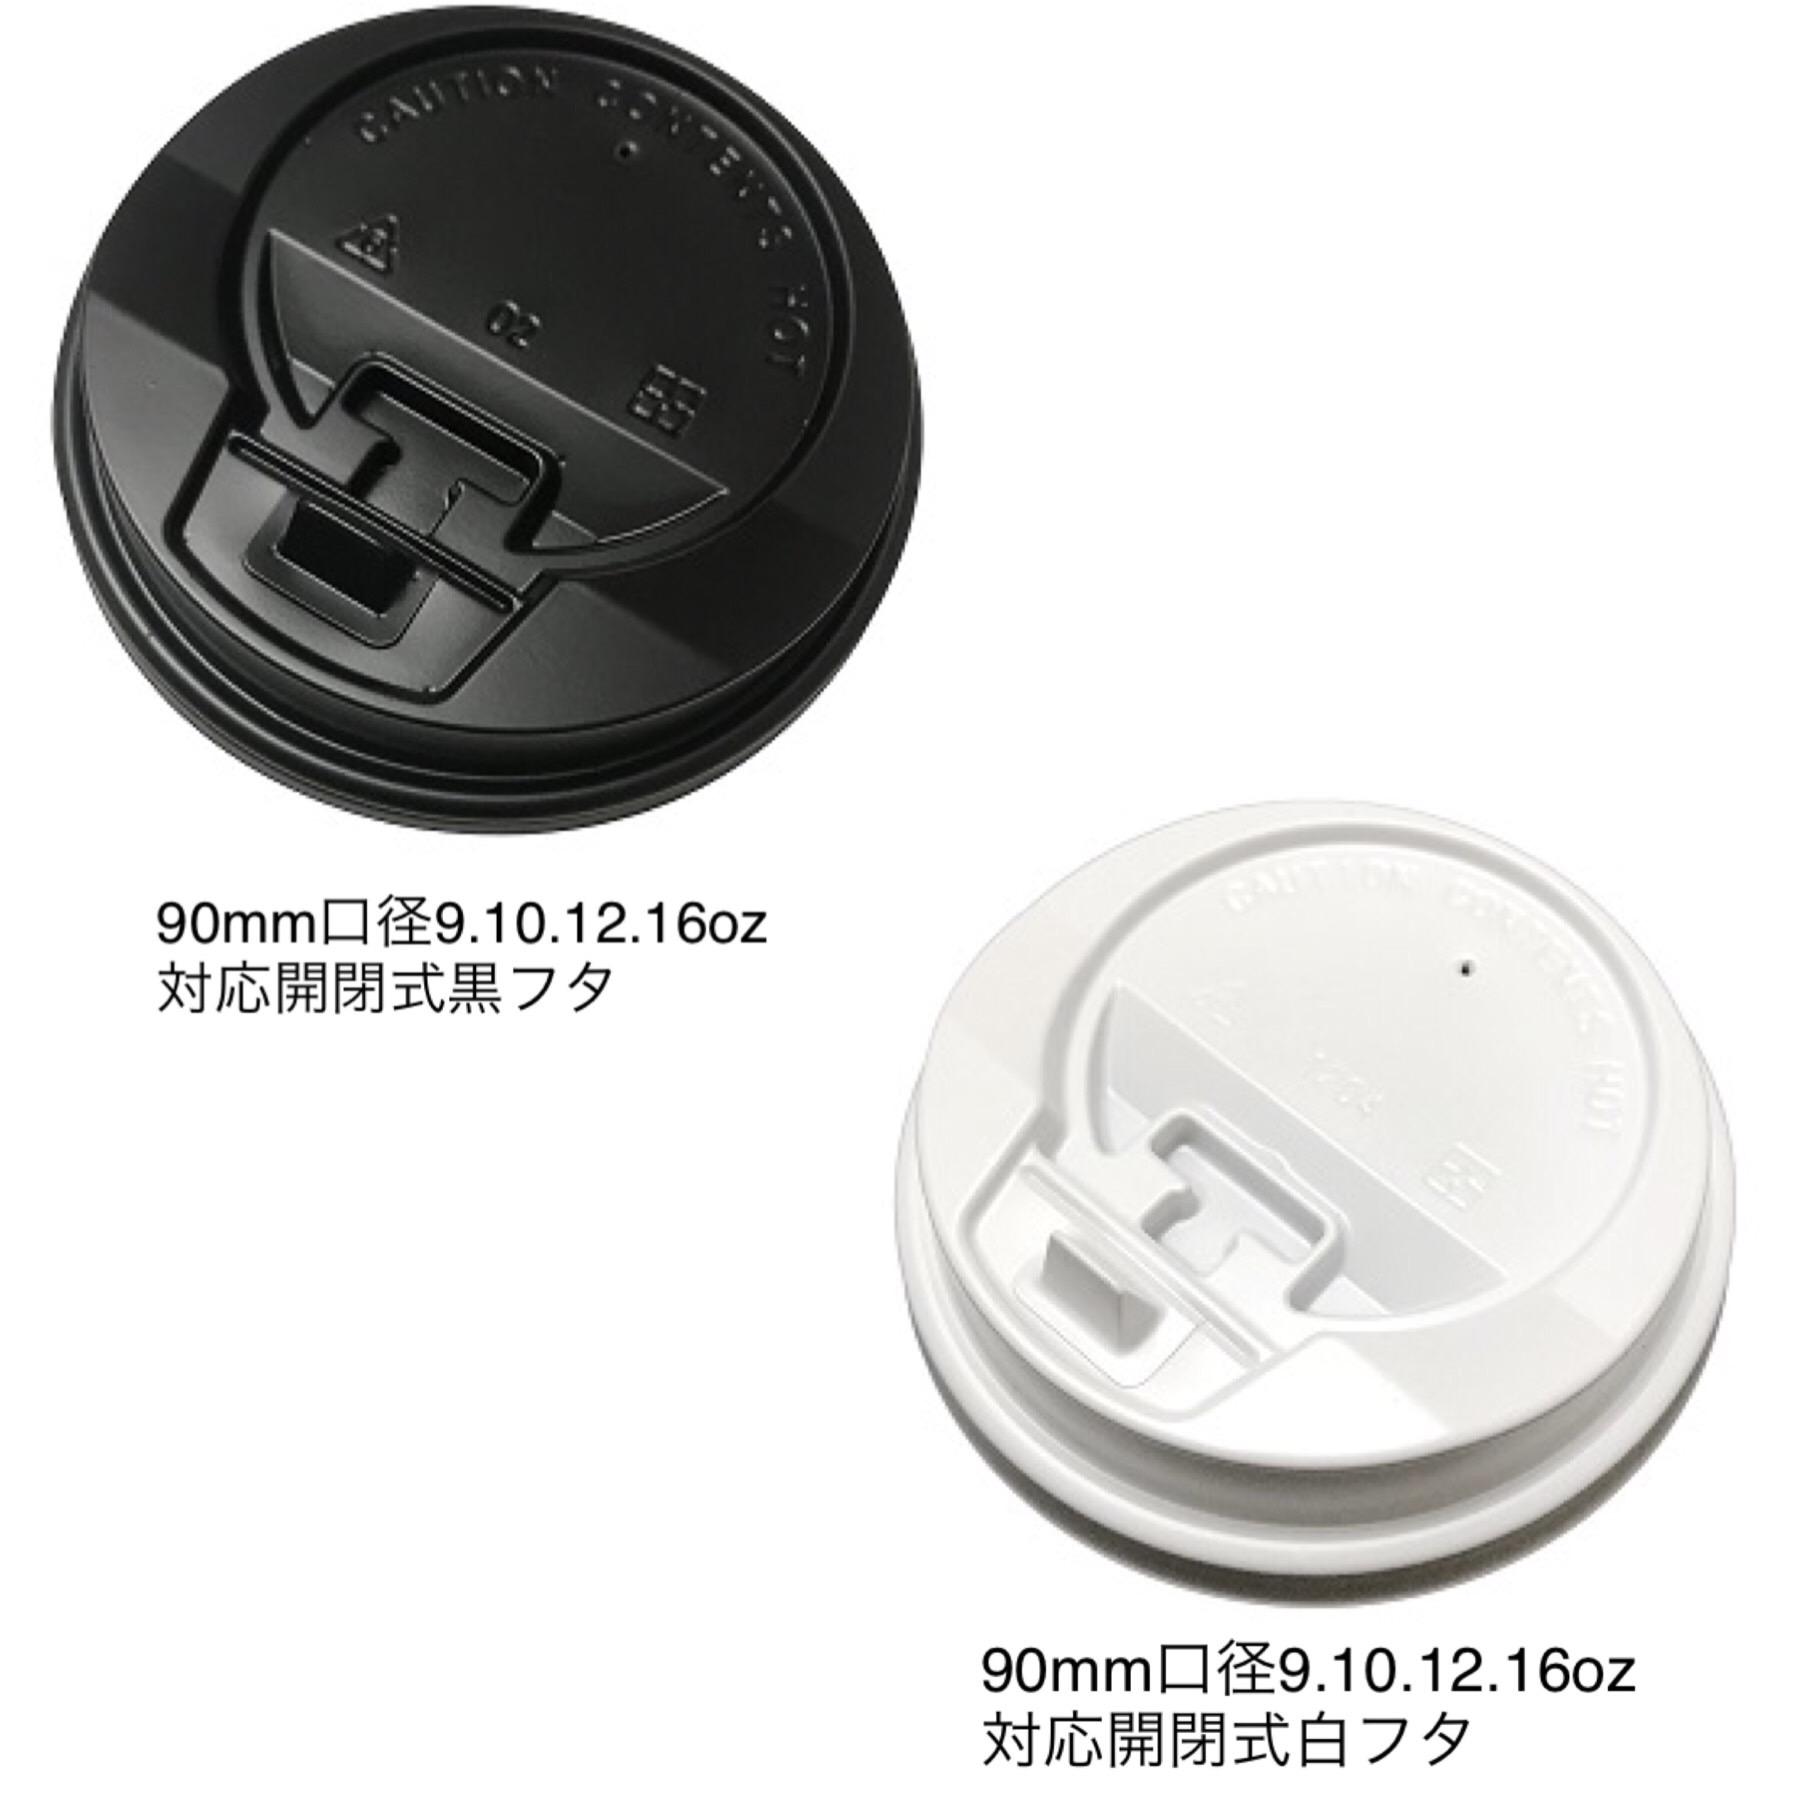 【プラカップ・紙コップ】テイクアウト 使い捨てカップ コーヒーカップ  クラフト紙コップ 業務用 二重断熱カップ12oz(約360ml)【1000個入】